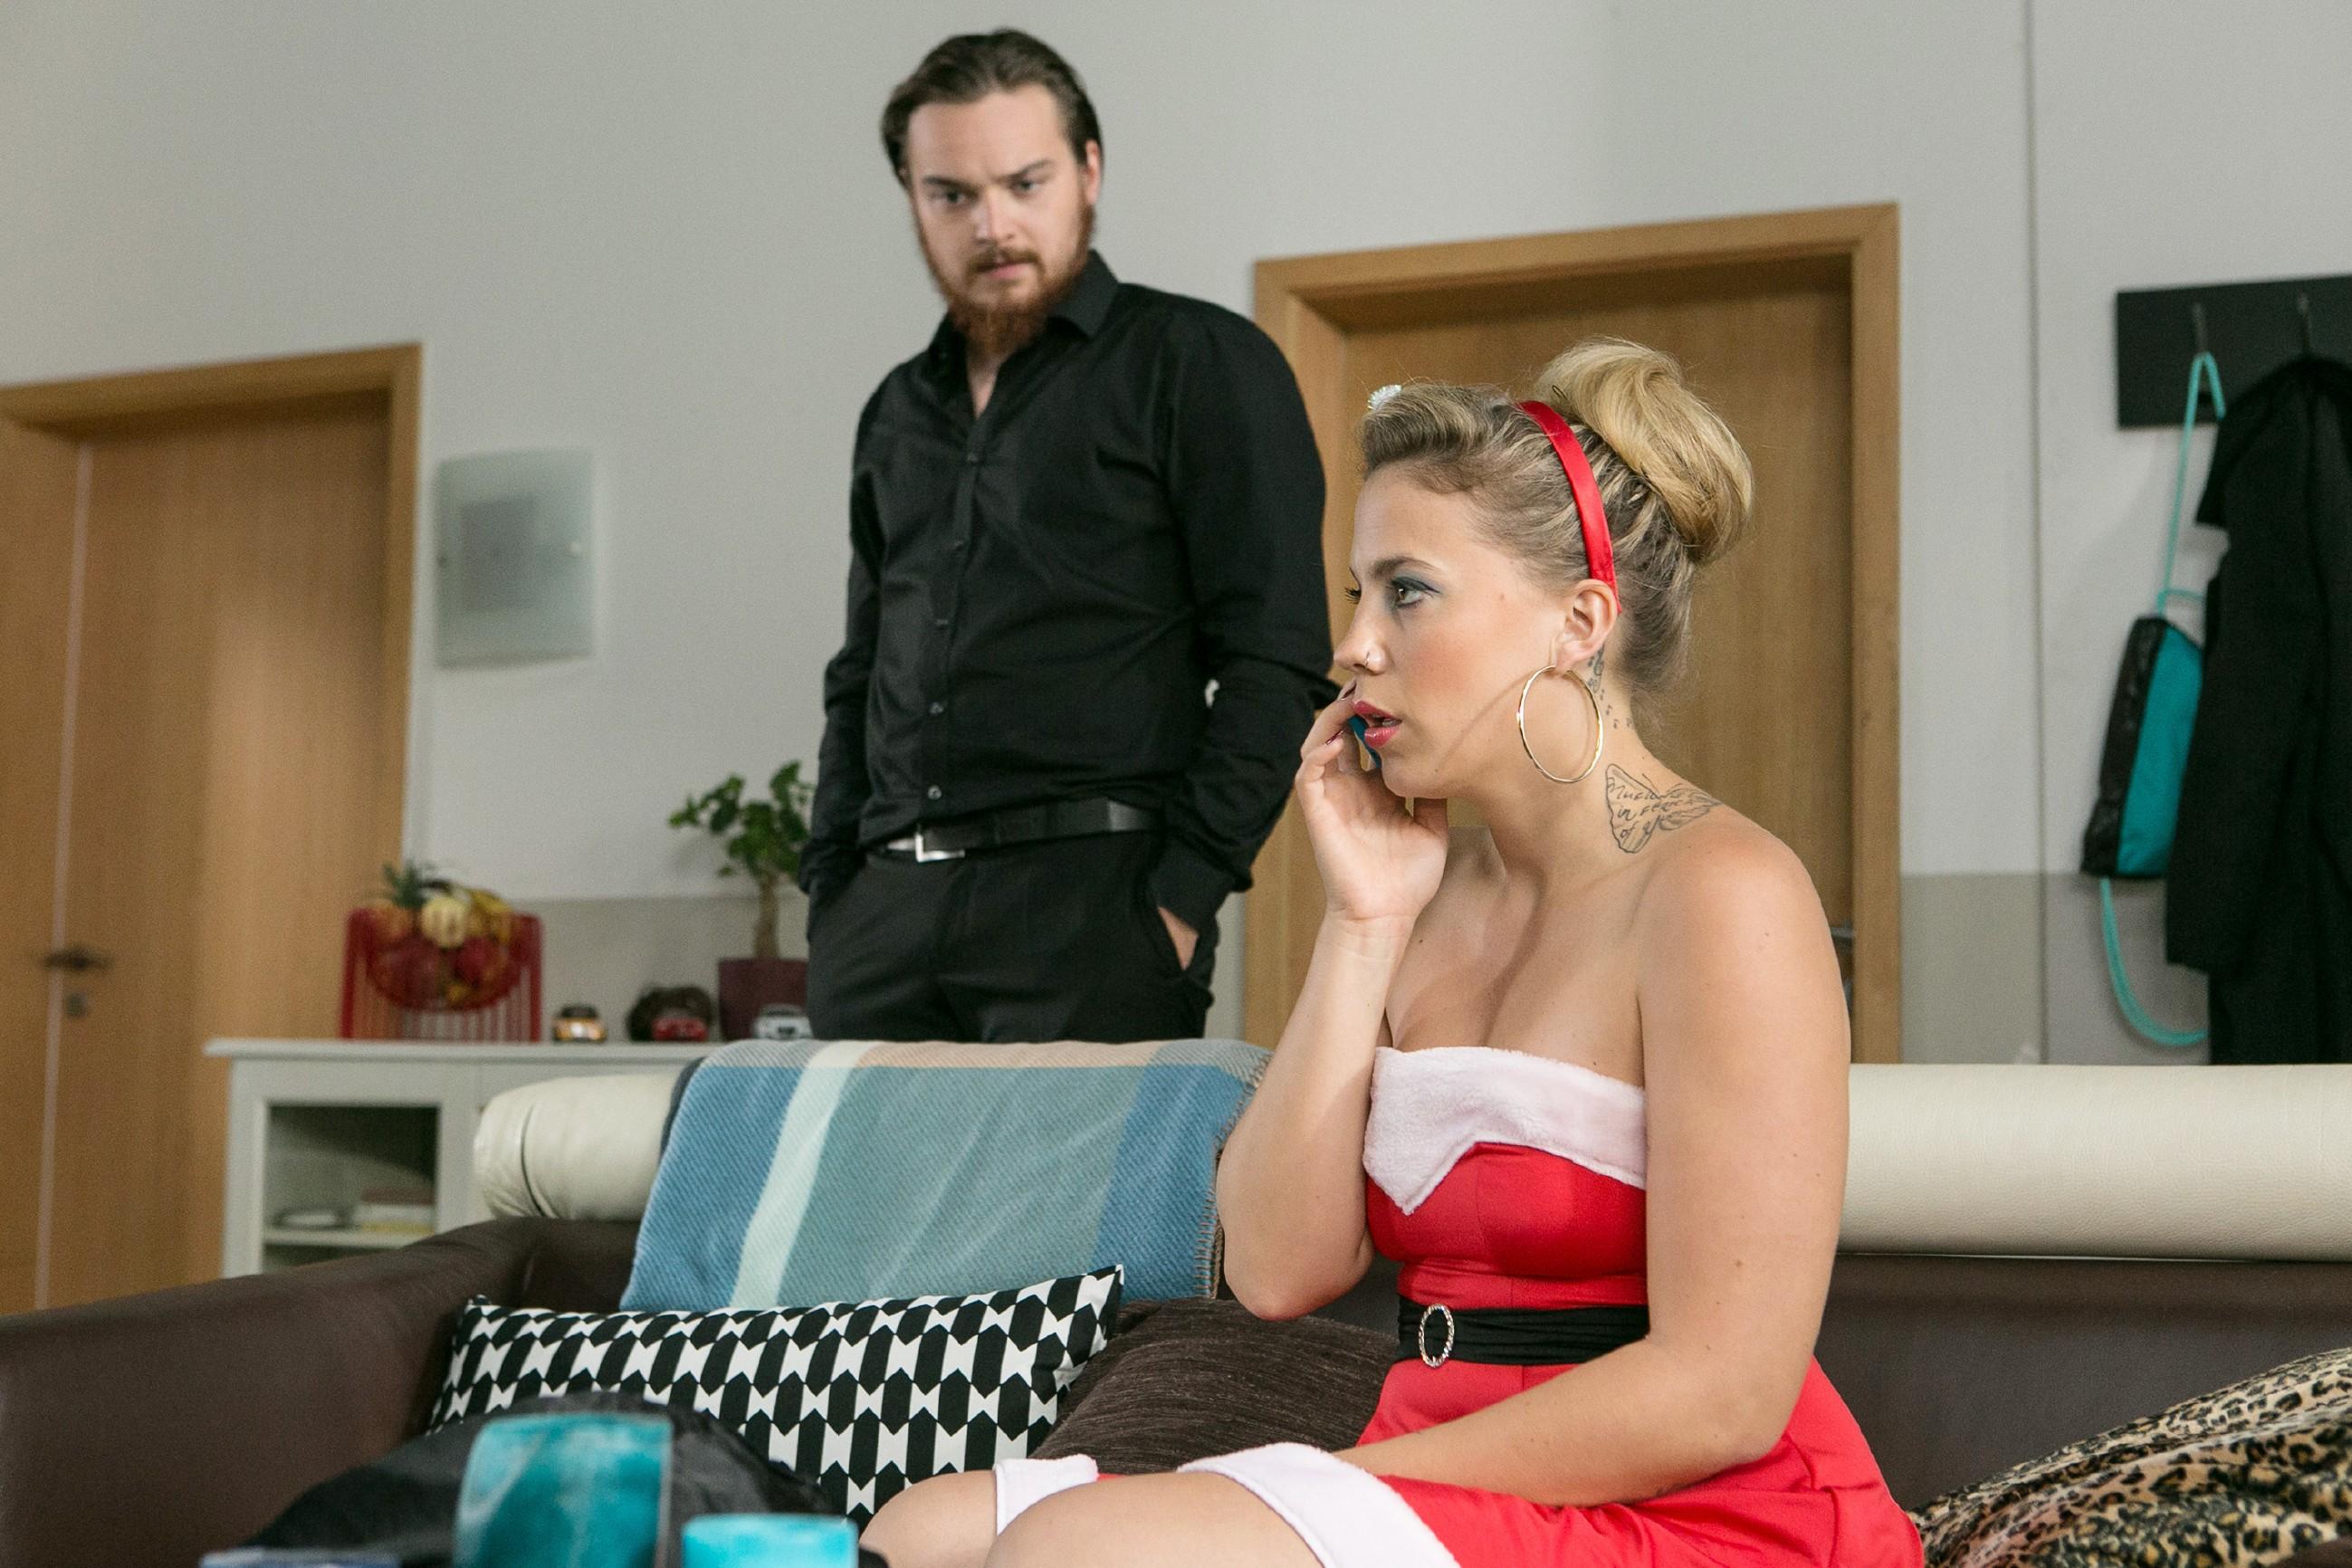 Obwohl sie von Marie erfährt, dass es keine Einladung zu einem privaten Fantreffen gegeben hat, ahnt Iva (Christina Klein) nicht, dass sie sich alleine mit Matthias (Philipp Noack) in großer Gefahr befindet. (Quelle: RTL / Kai Schulz)